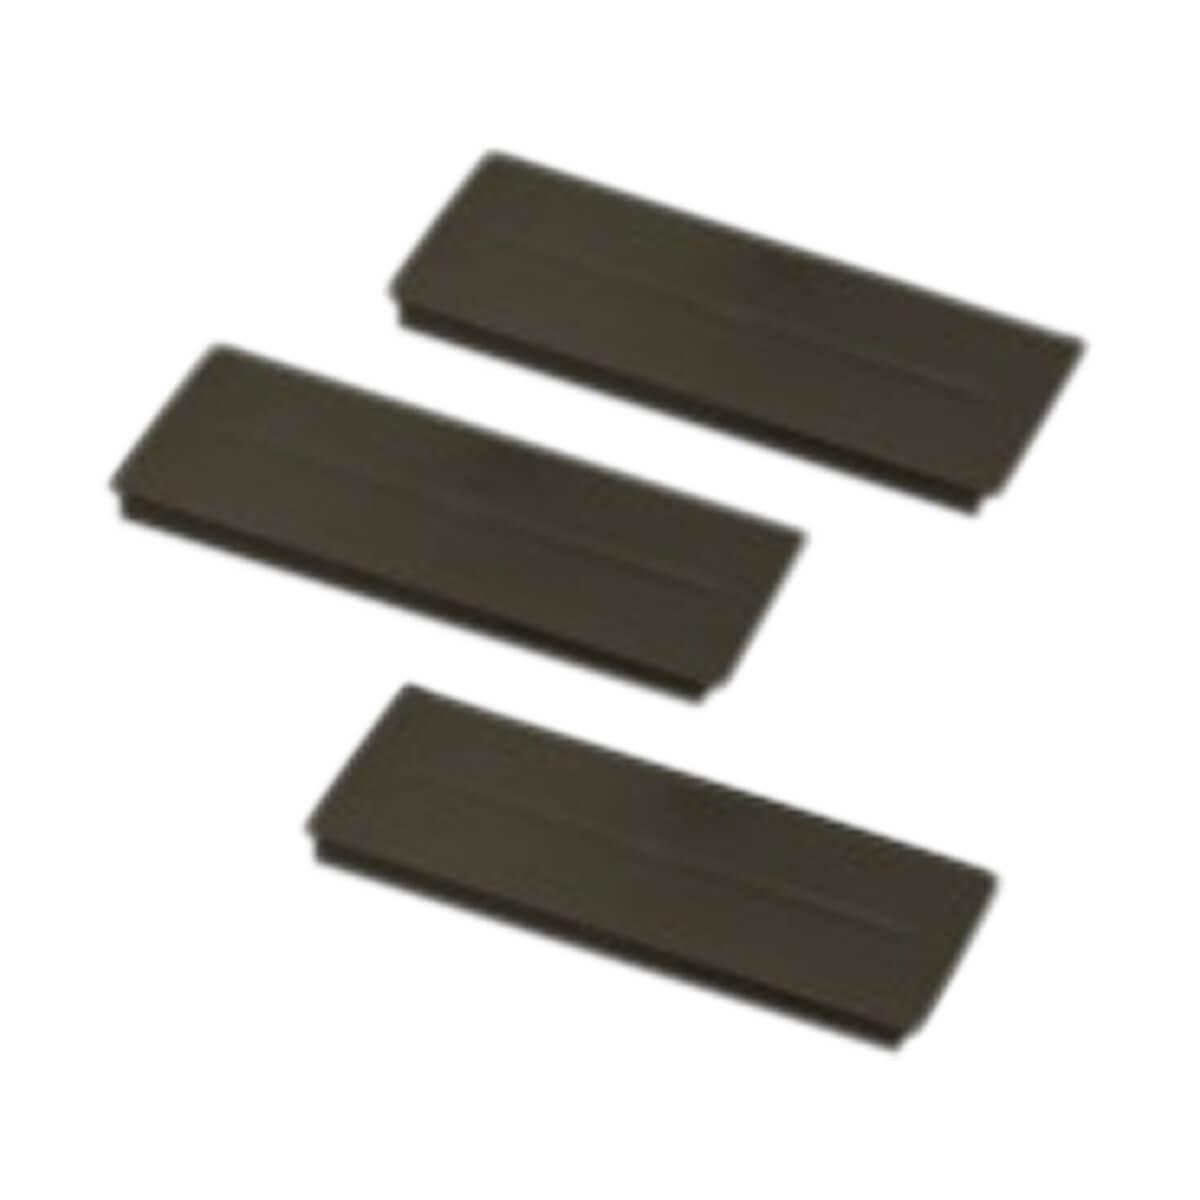 Plate Filler - 3 pack